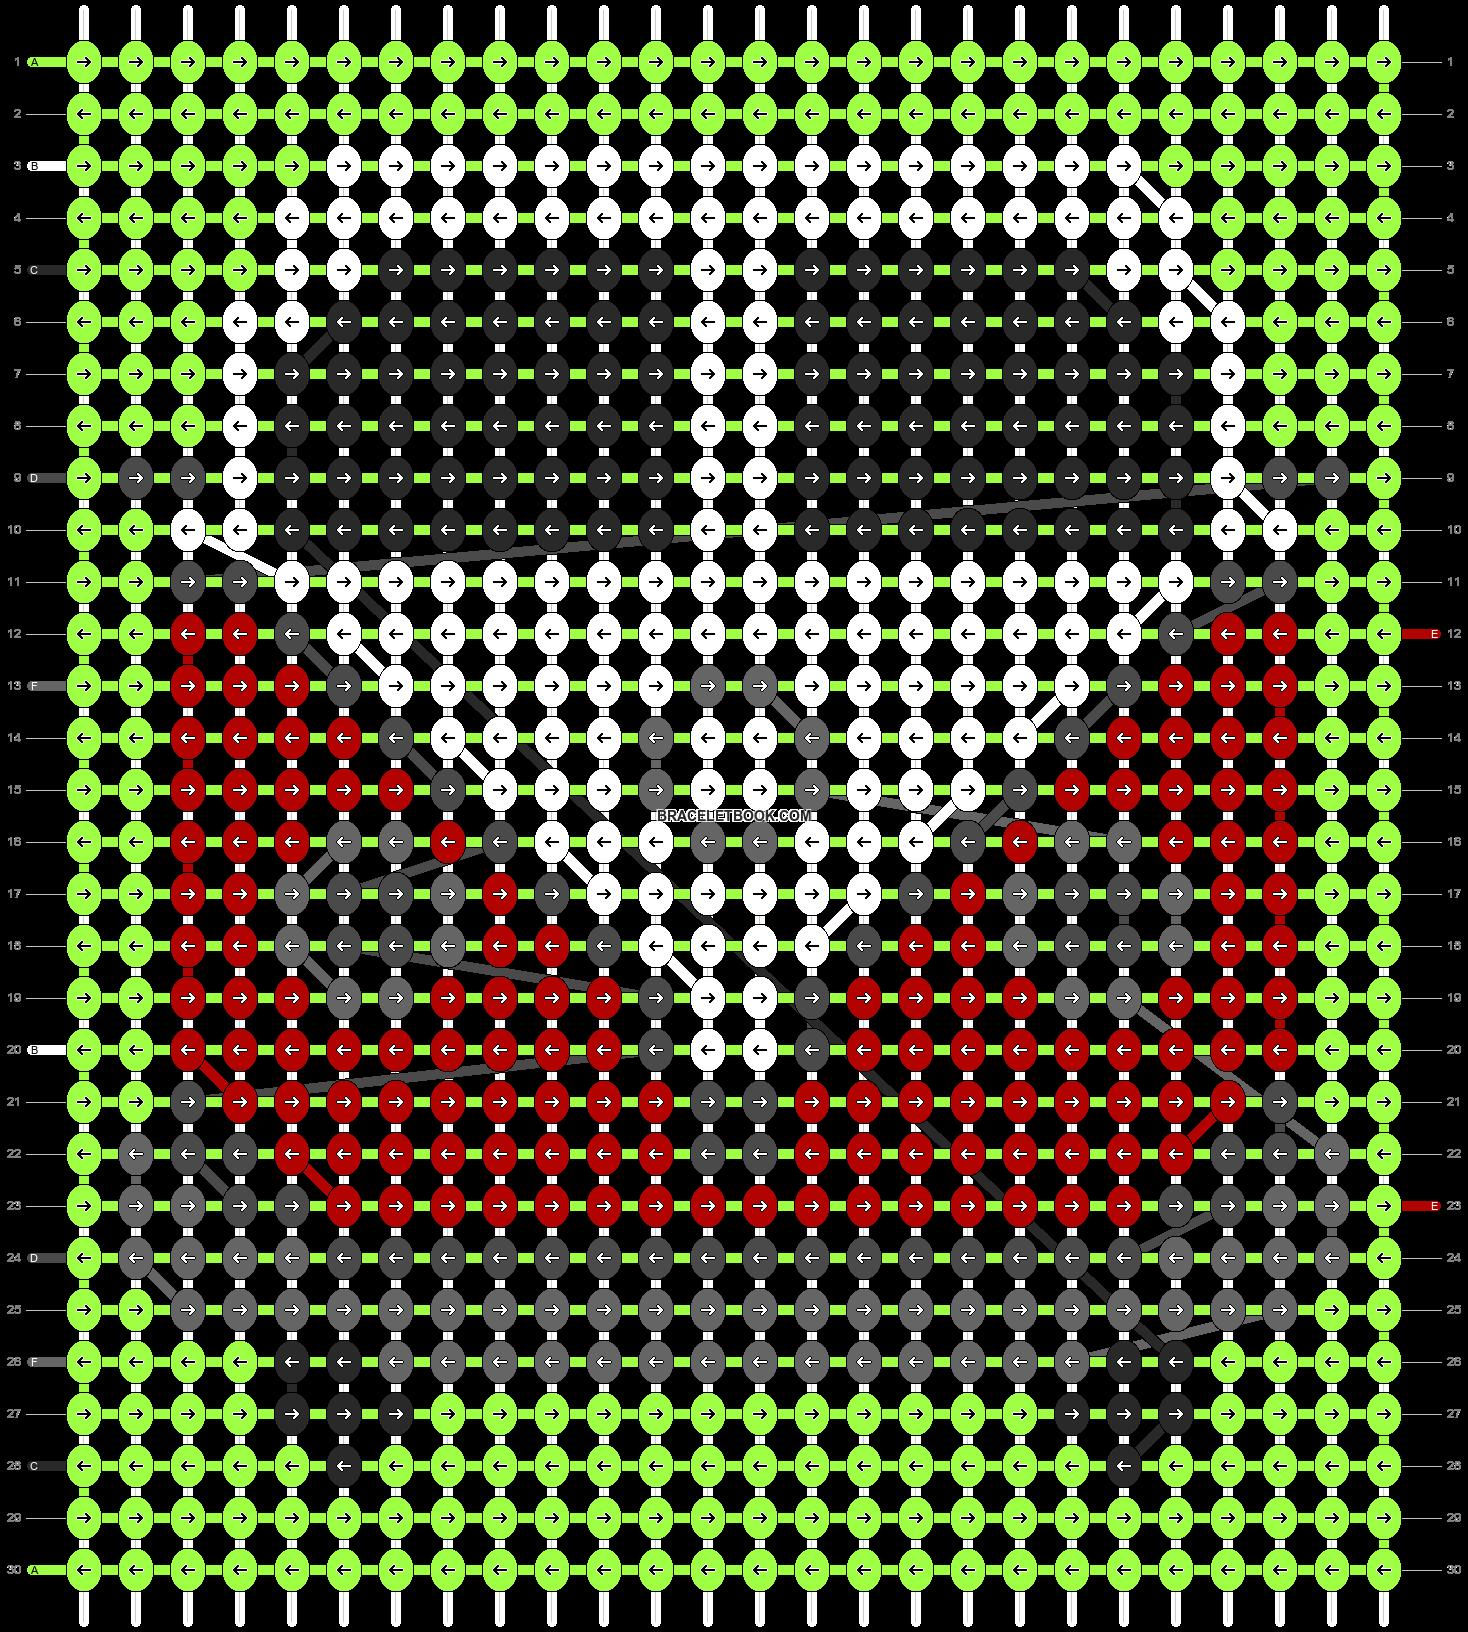 Alpha Pattern #22273 added by MemiIrwin